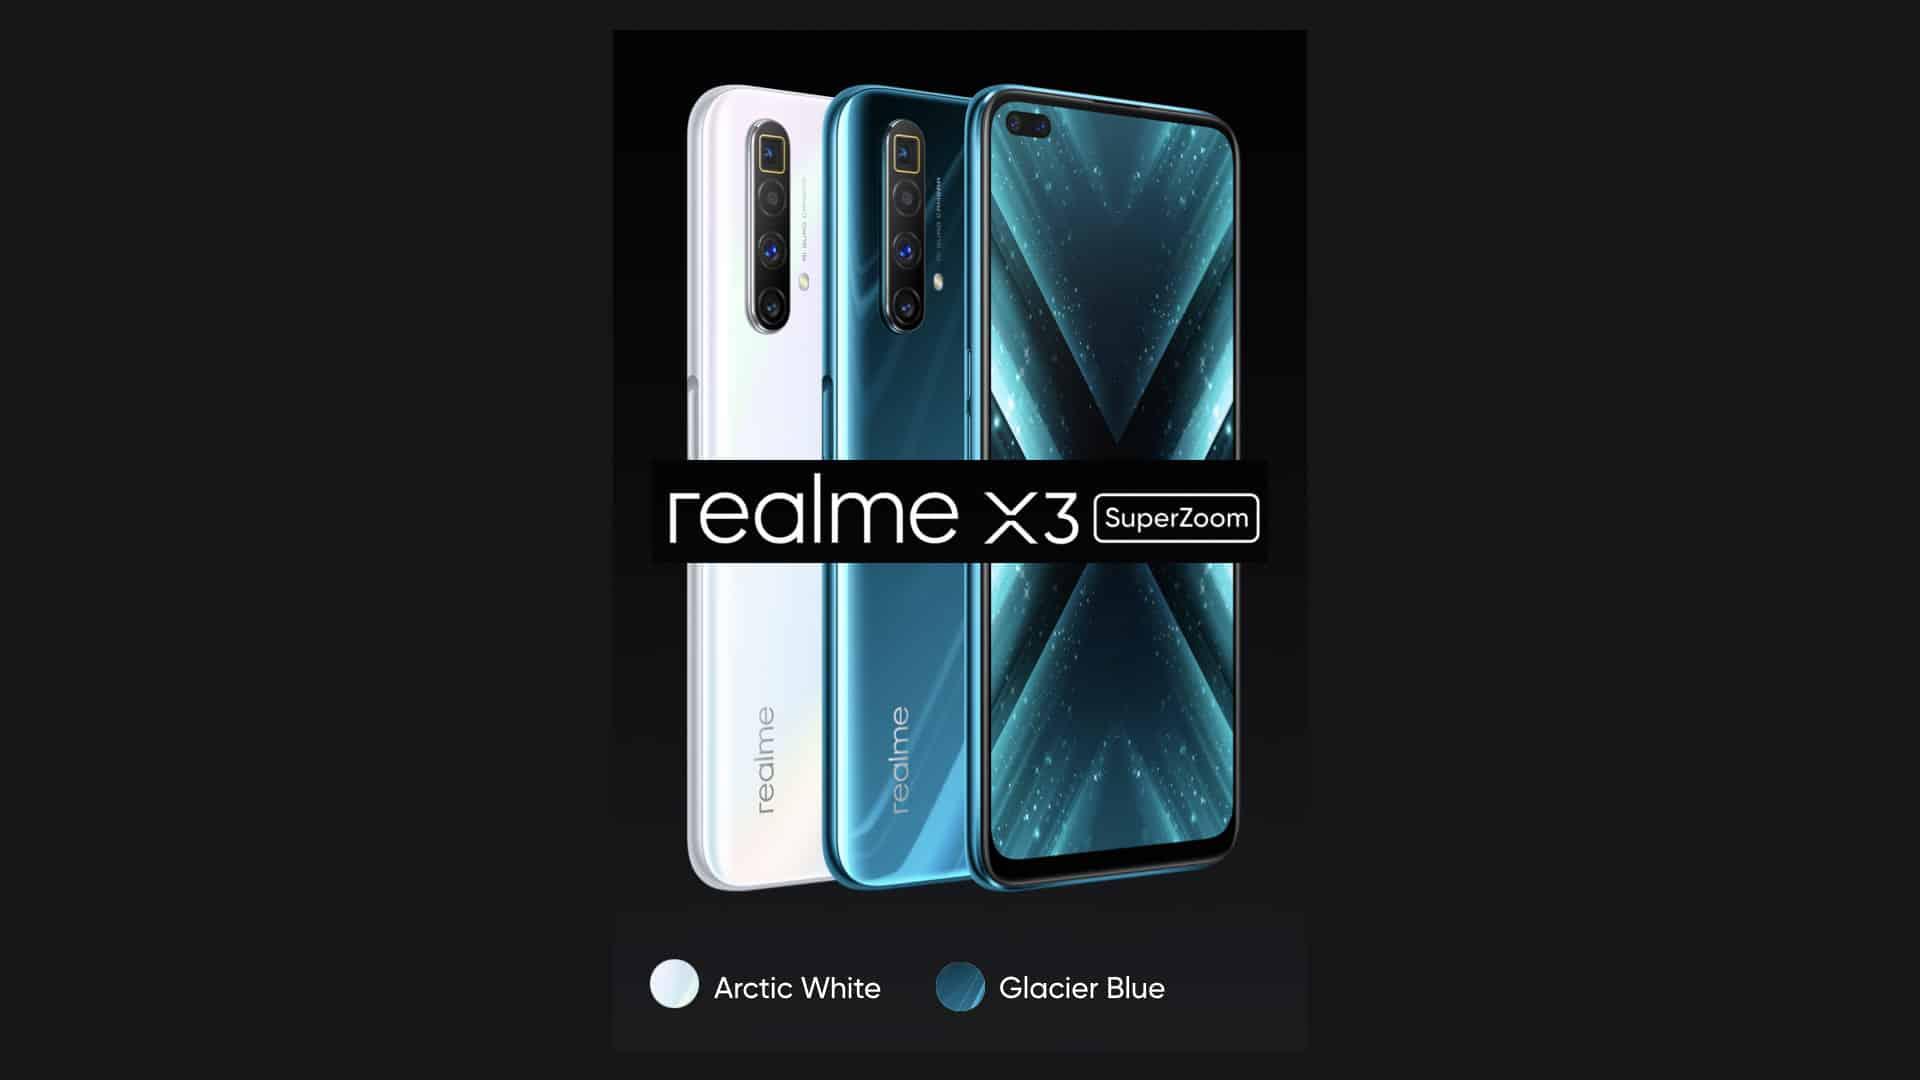 Новейший камерофон realme x3 superzoom выходит сразу в европе - новости на buden